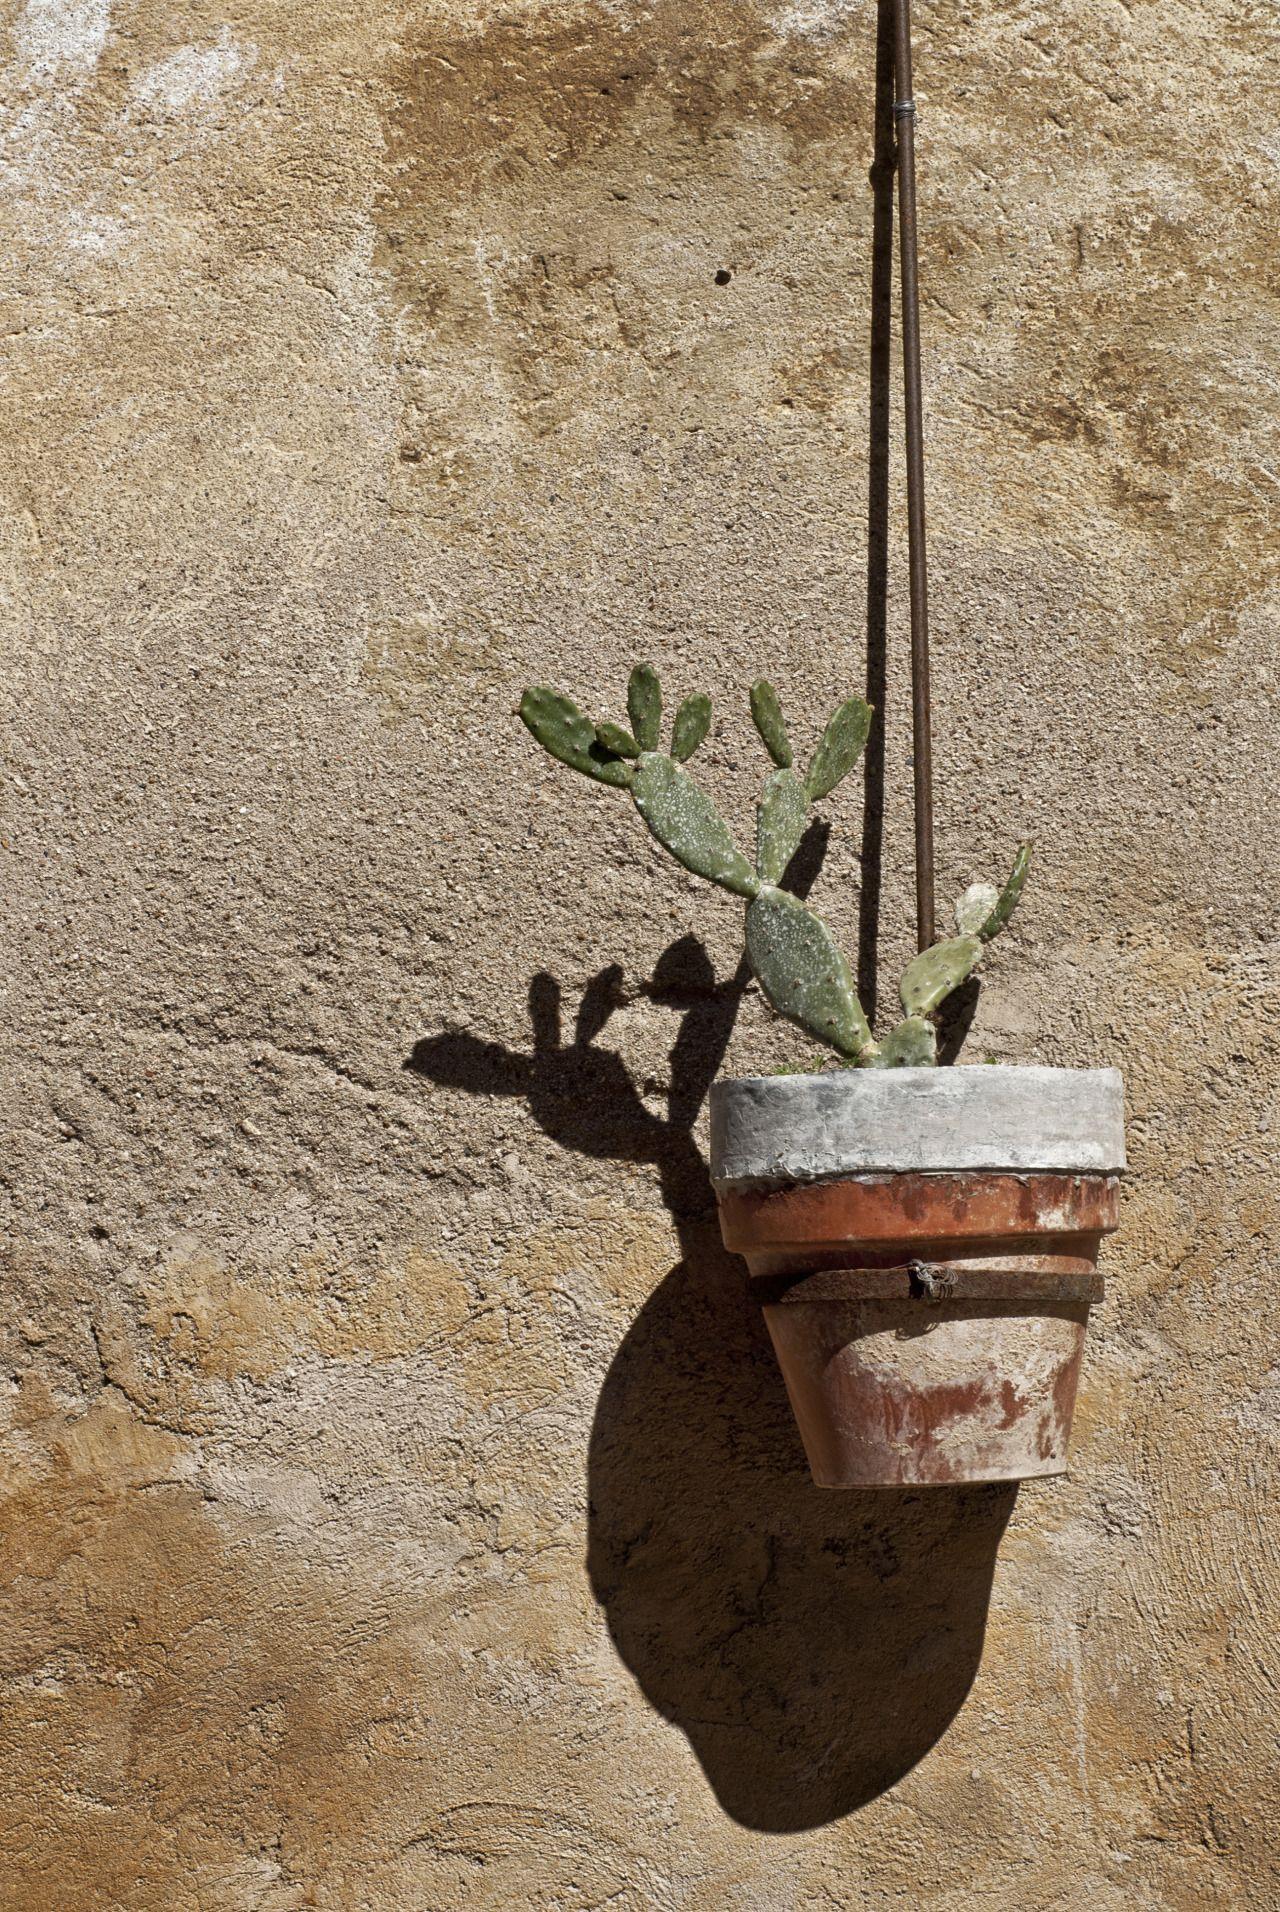 Cactus F11 1 160s Iso 100 Fl 50 Mm Juan Manuel Saenz De Santa  # Muebles Saenz De Santamar?a